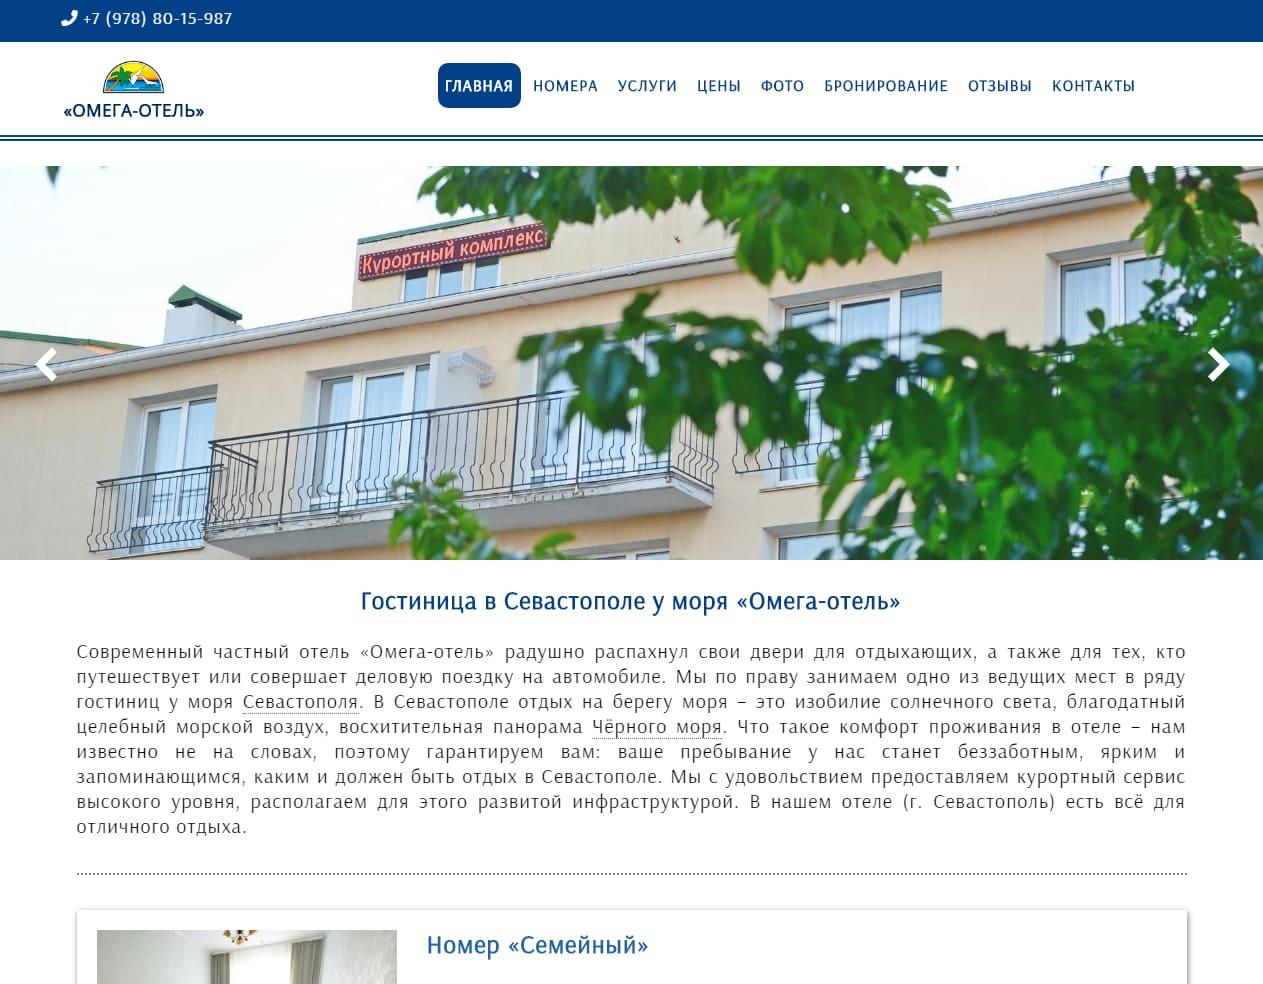 «Омега-отель» гостиница Севастополя